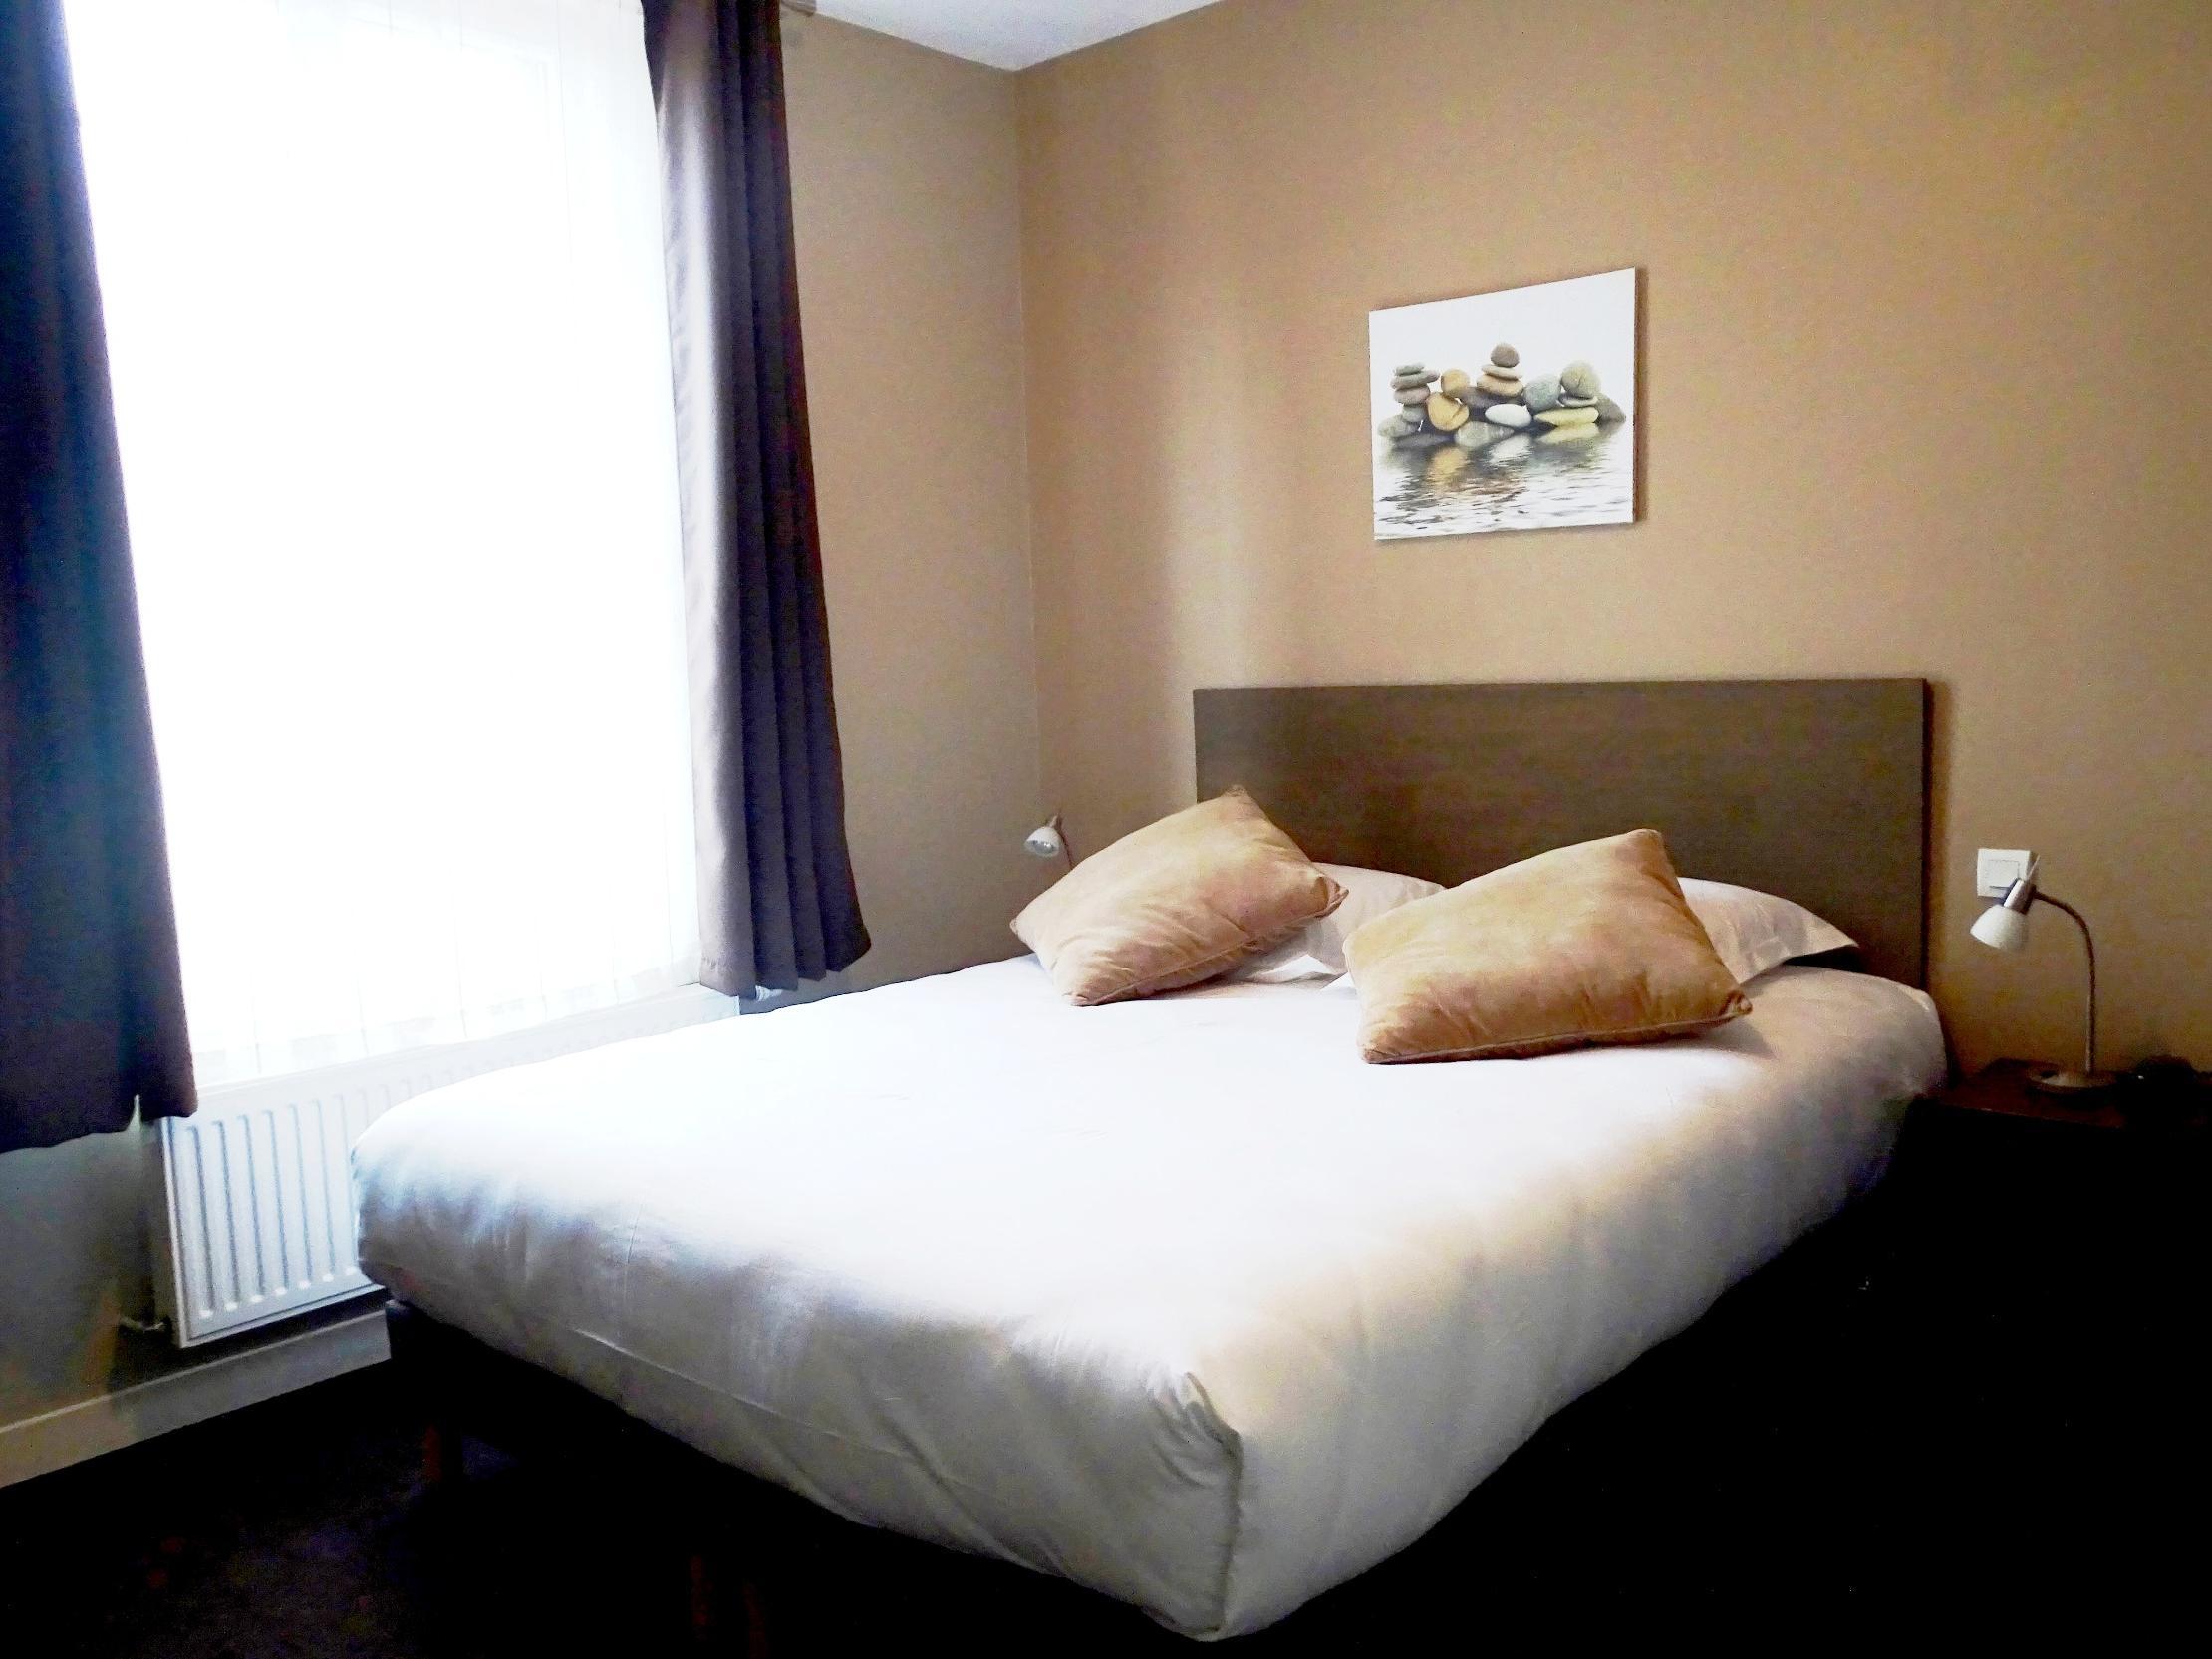 Grand Hotels, Chambres Du0027hôtes, Locations De Vacances Et Appartements à Proximité  De La Plage Riva Bella Ouistreham Galerie De Photos